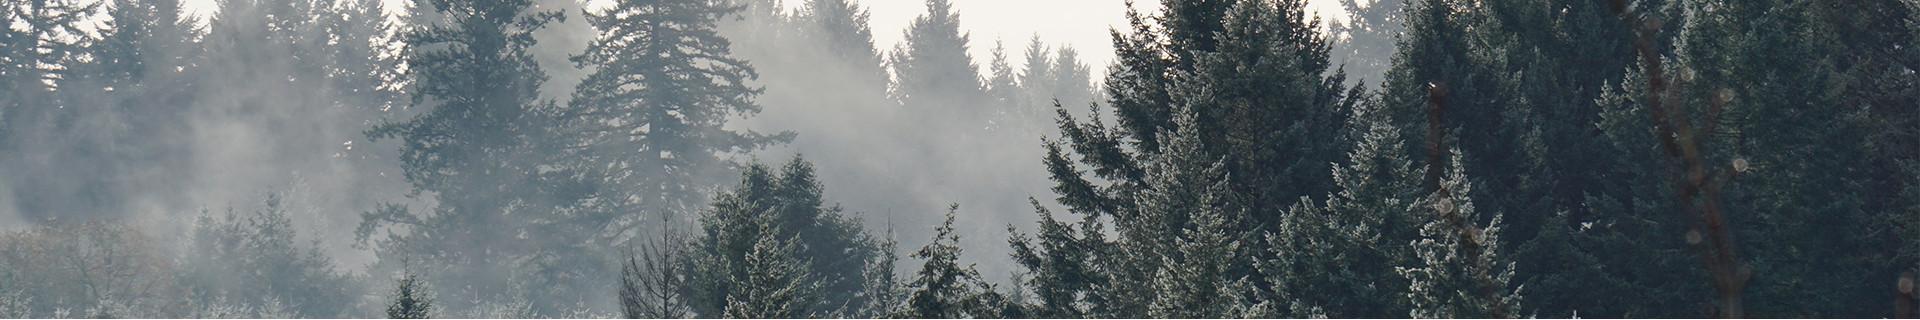 Métiers forestiers & travaux pratiques - Paraboot Pro